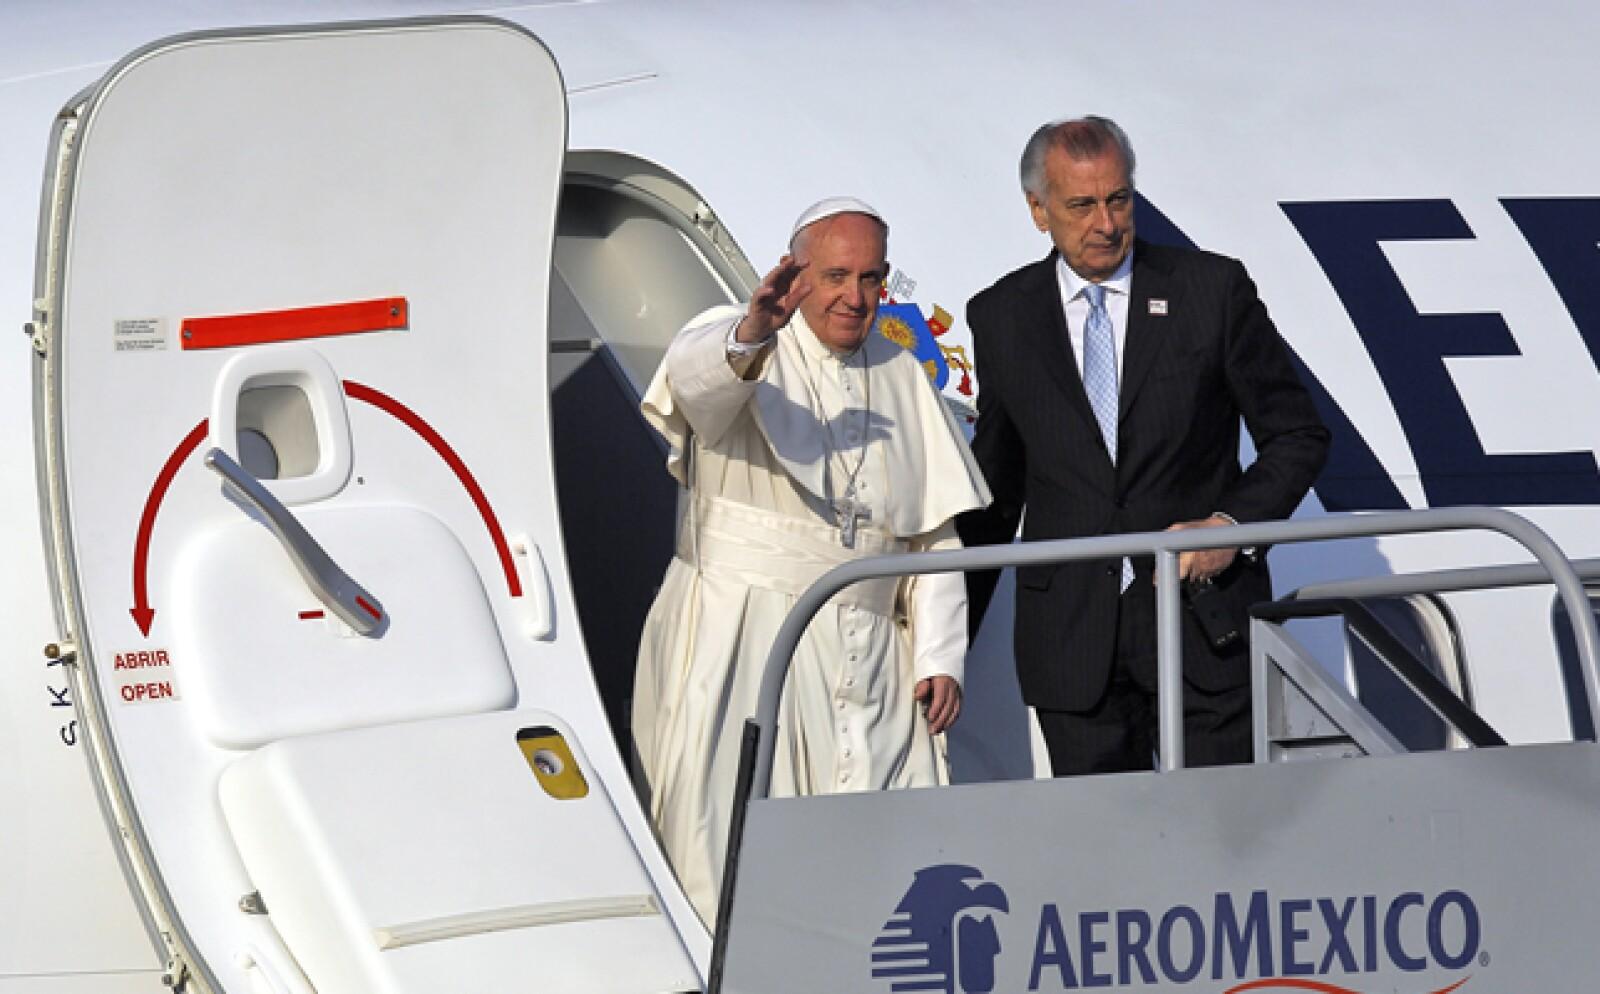 Las actividades de este martes del papa incluyen una misa con religiosos en Michoacán.